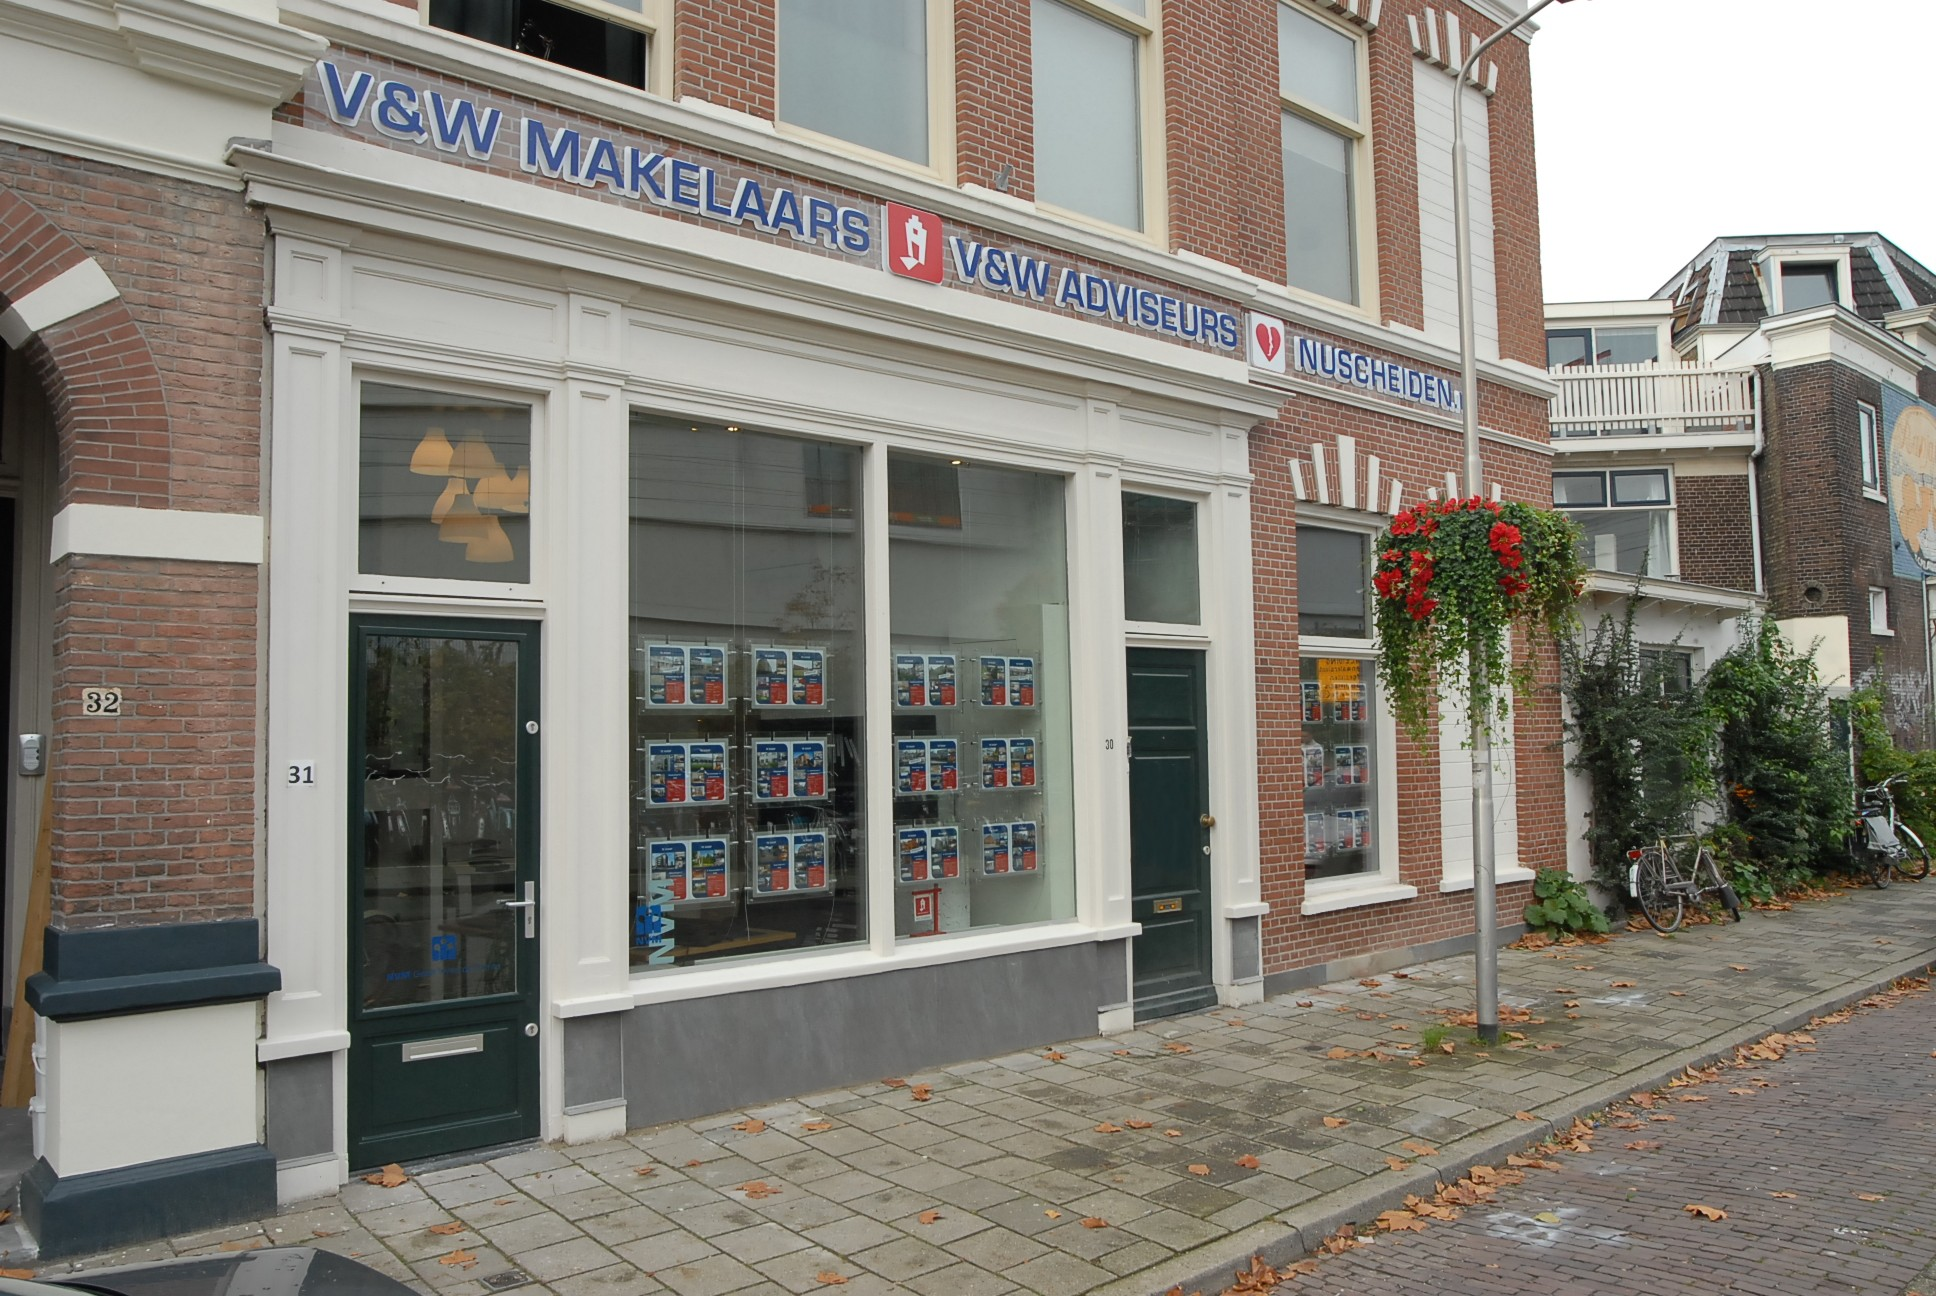 Kantoor Vestiging V & W Makelaars Delft